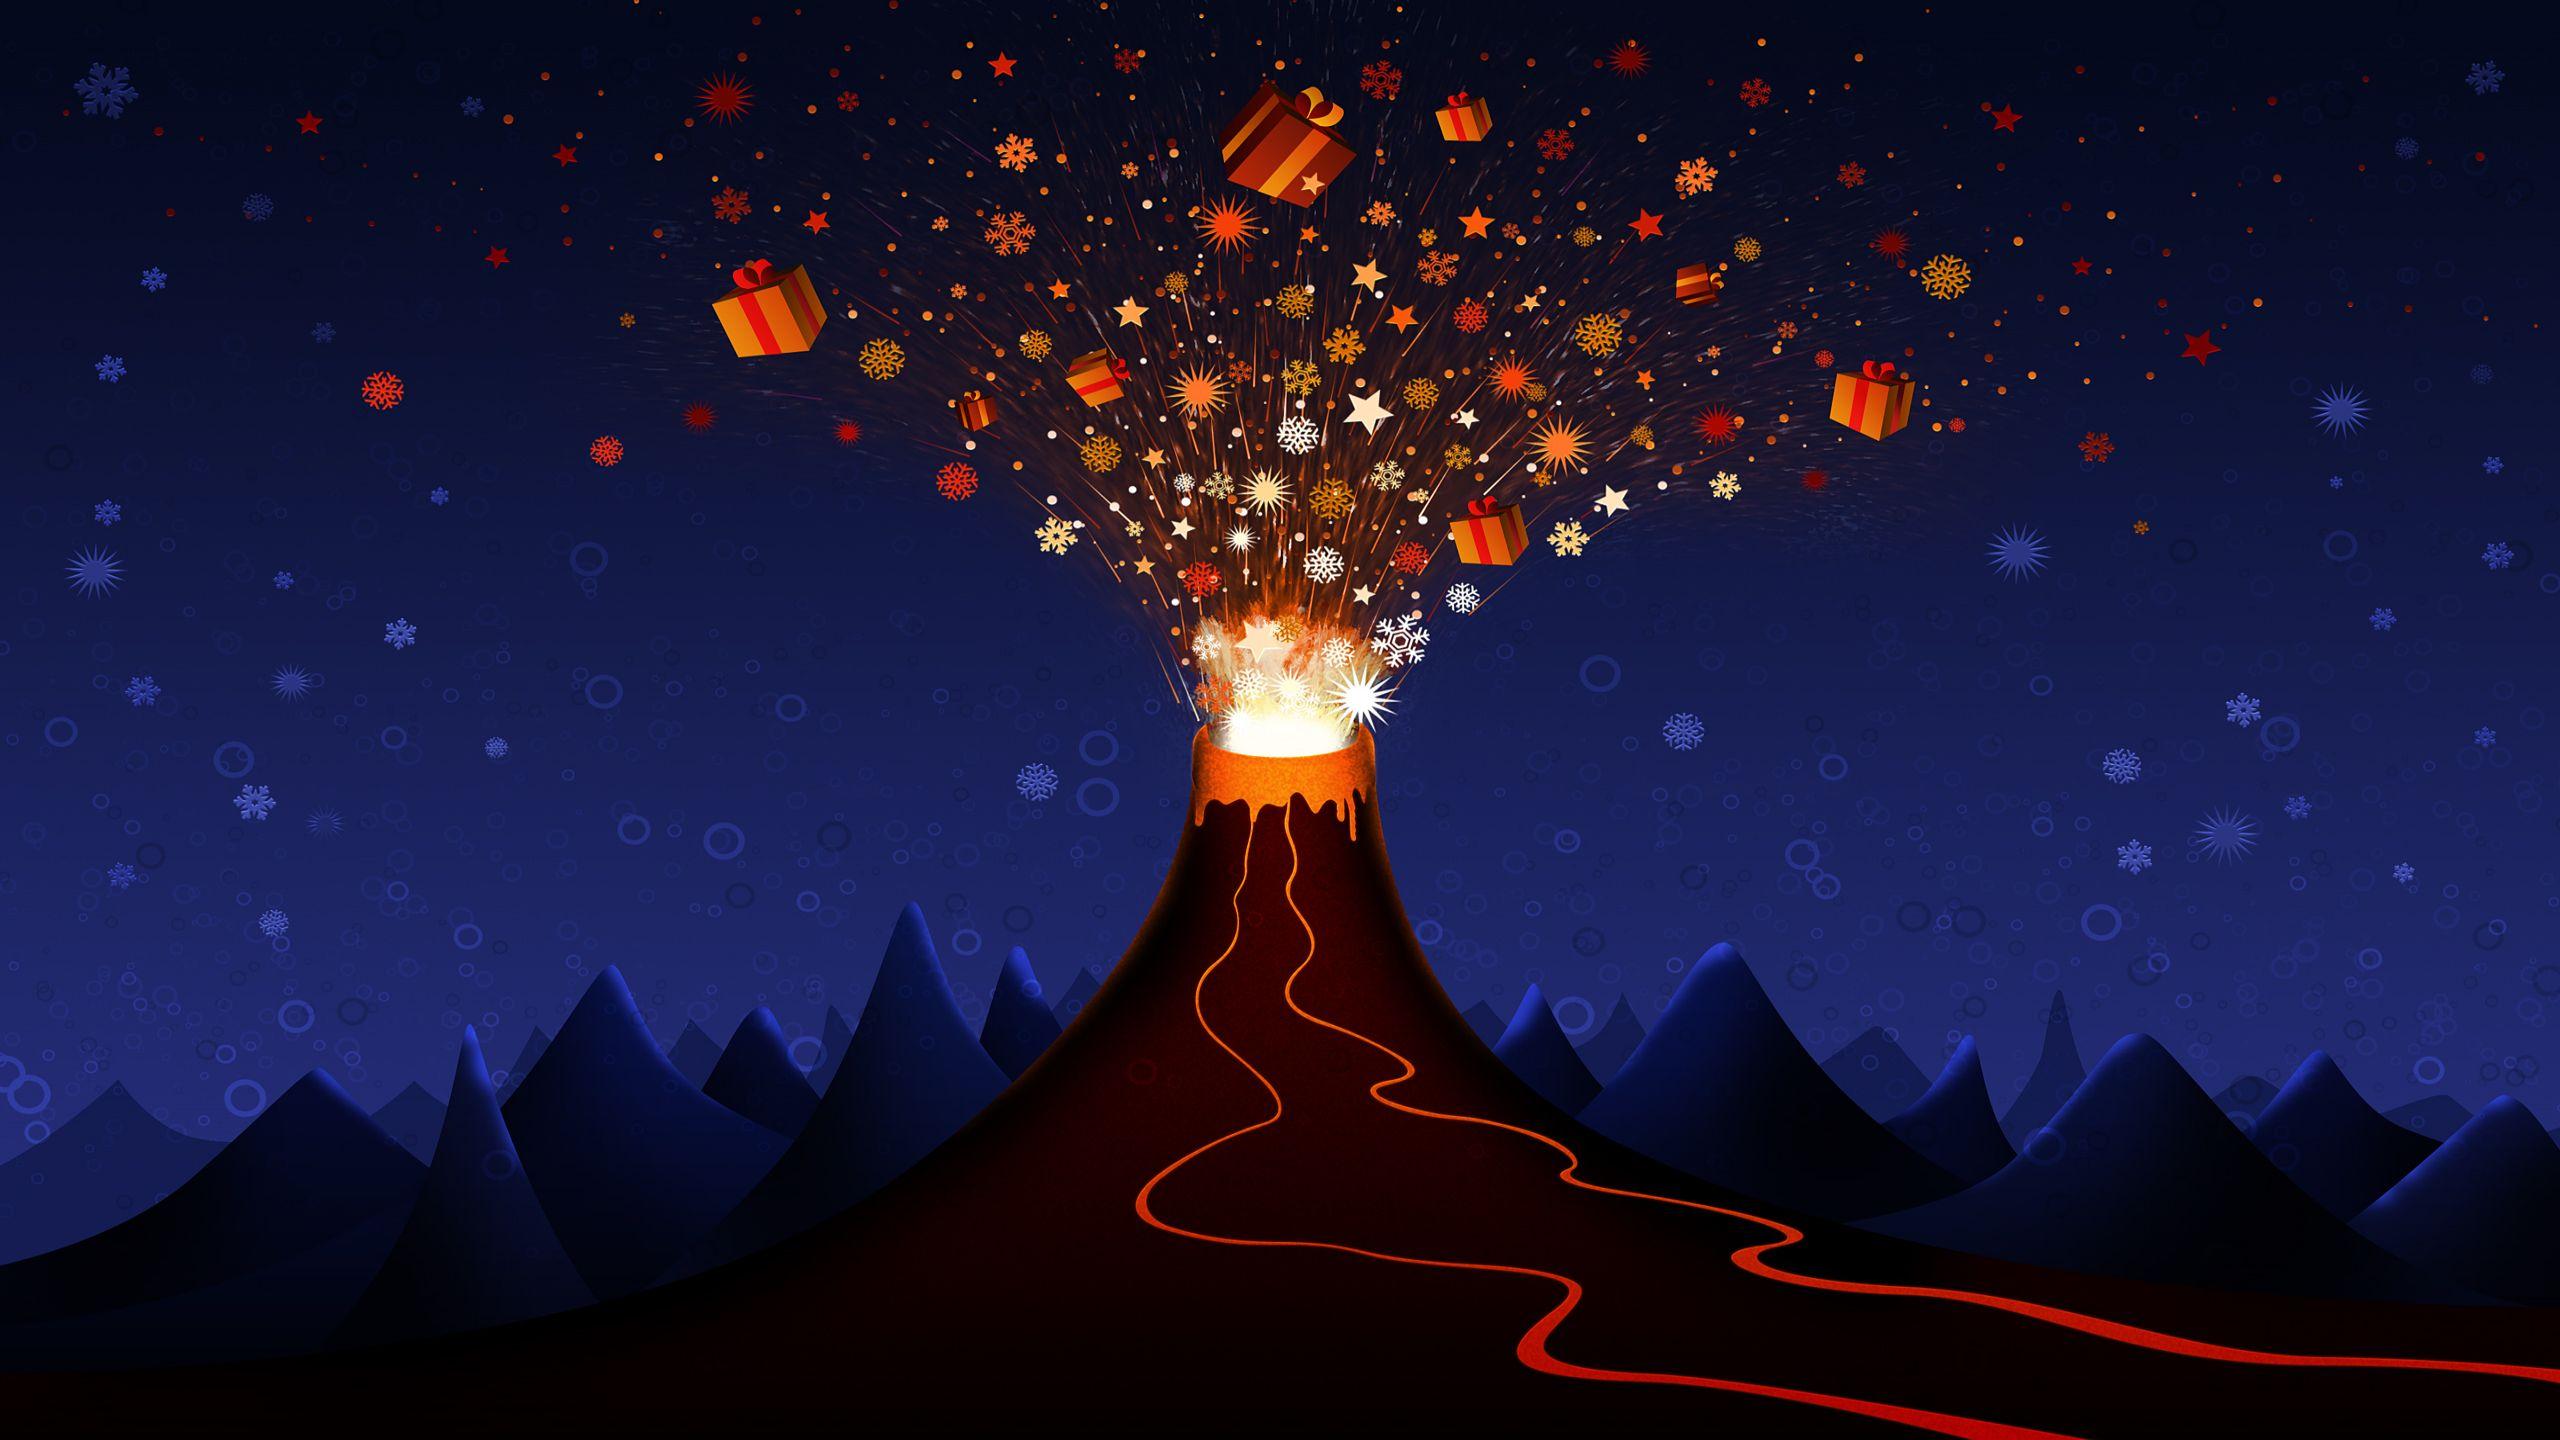 Lava Pixar Wallpaper  WallpaperSafari